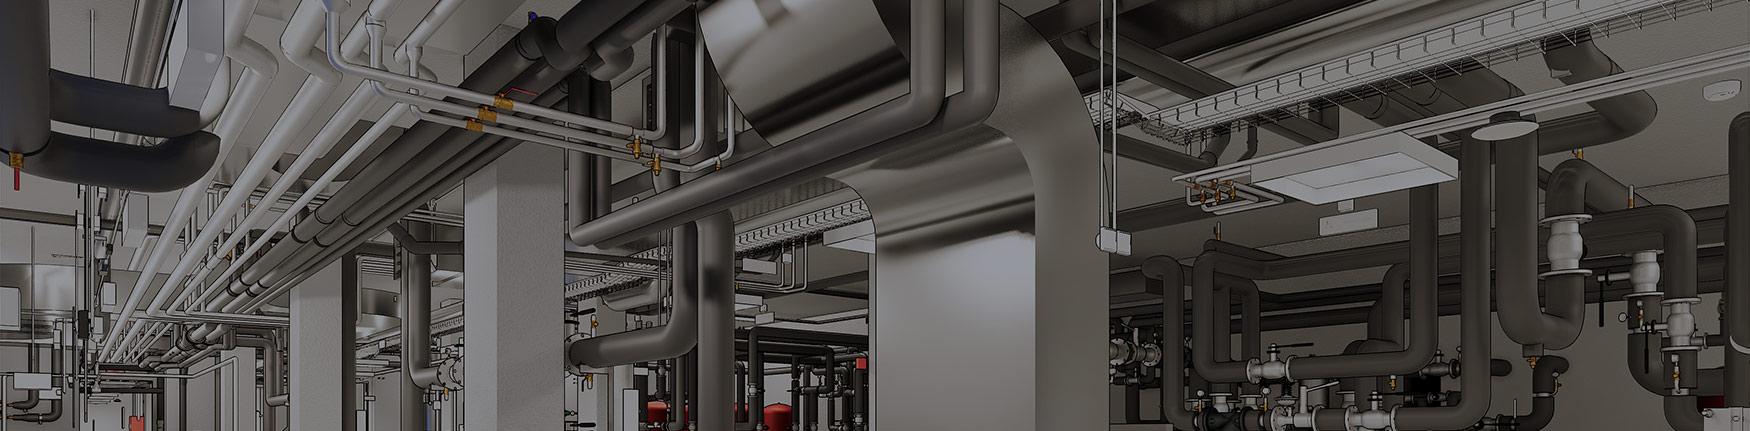 Modélisation BIM - Architecture & Lots Techniques 3D